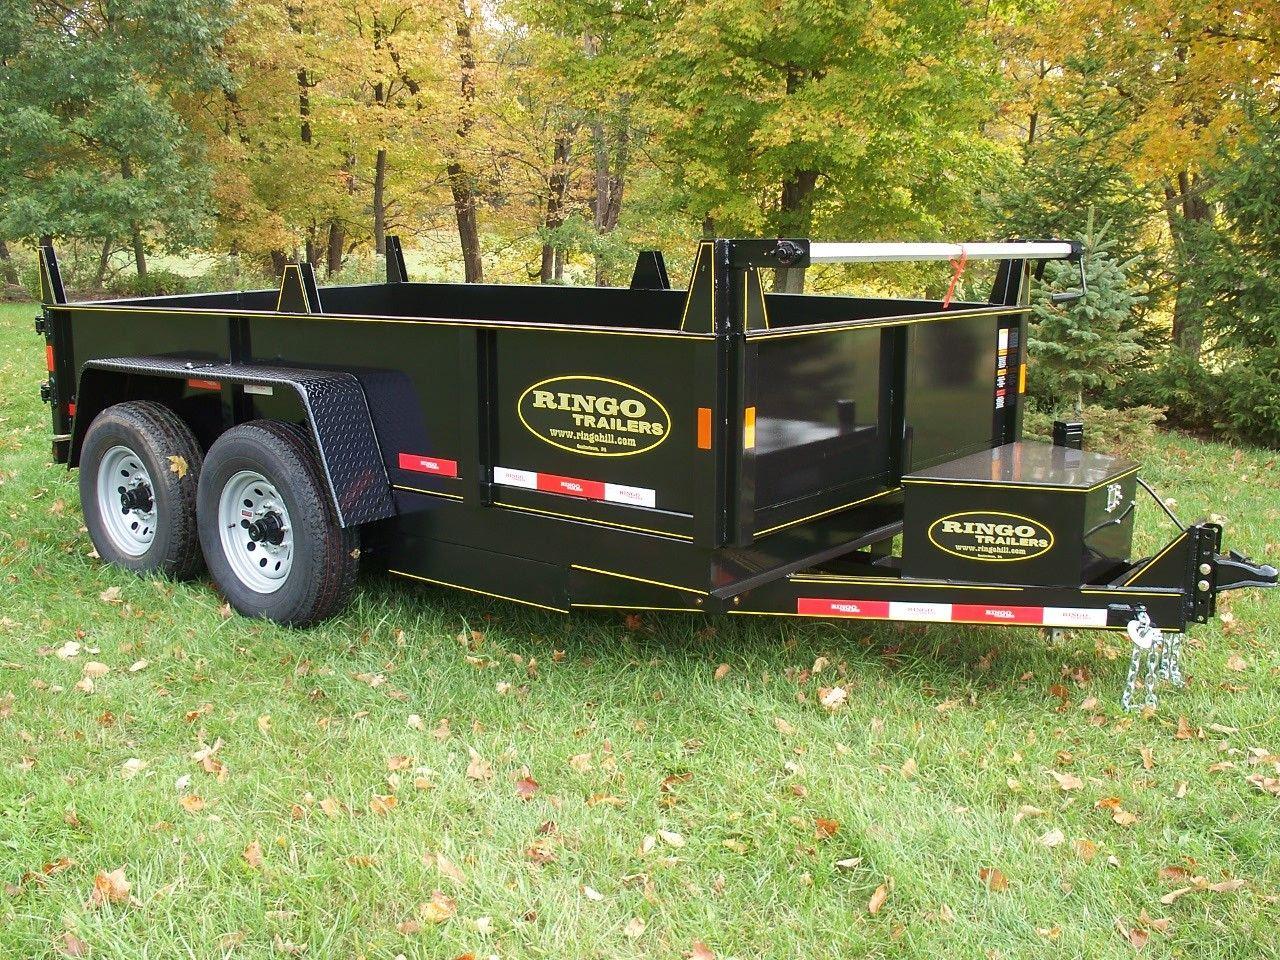 Dt612 lphd102 67 x 12 low profile equipment hauler